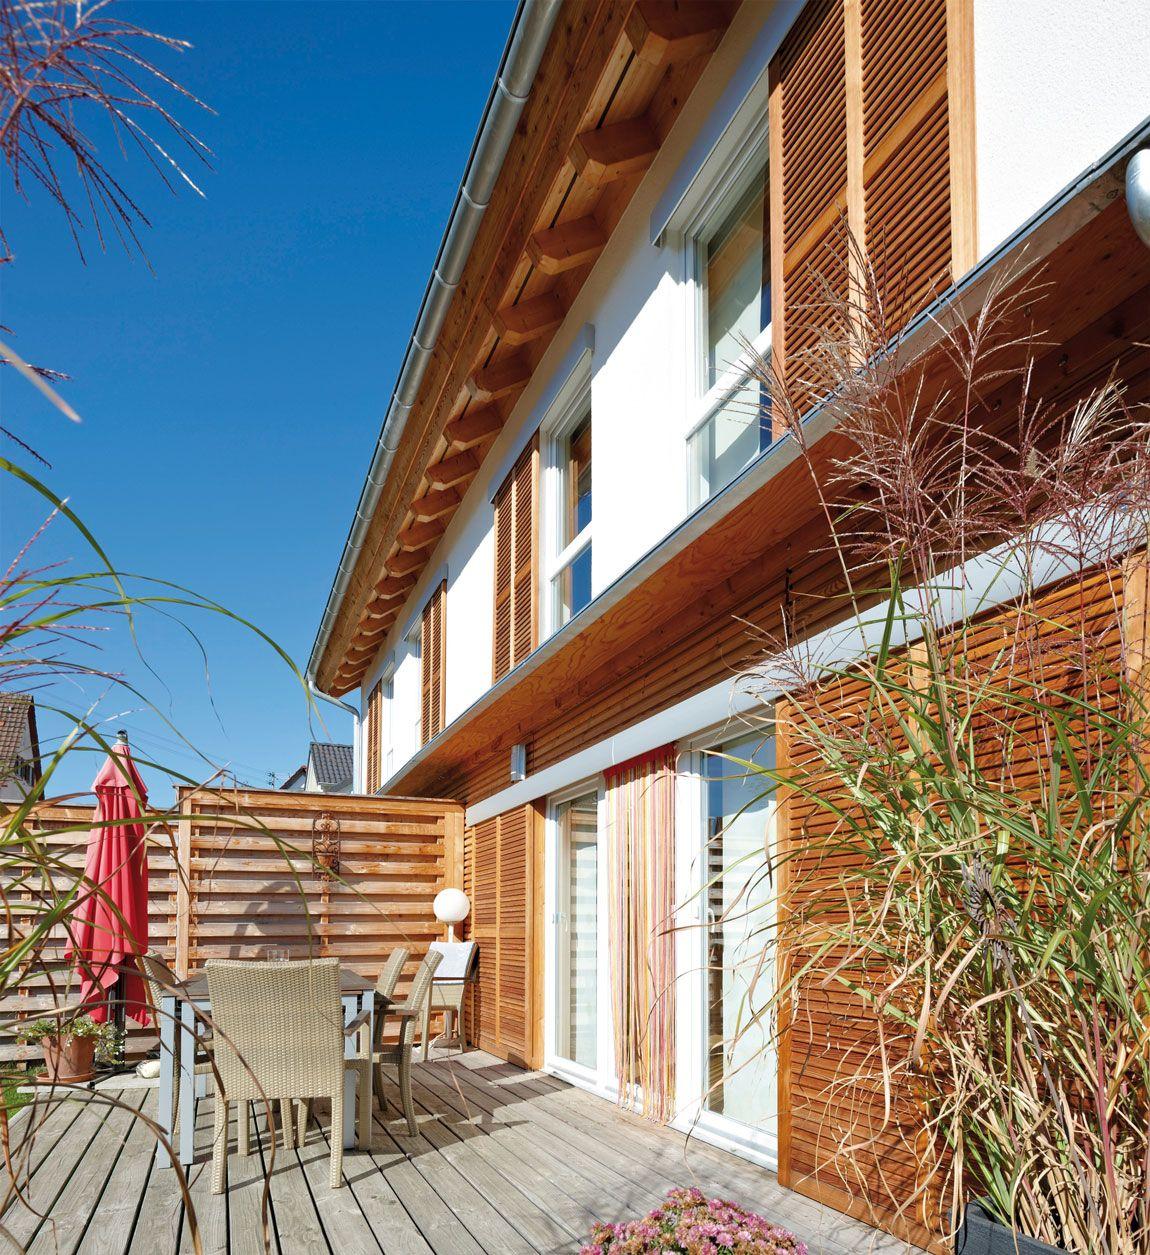 Großzügiges Doppelhaus mit Terrasse gebaut mit der Holzmauer